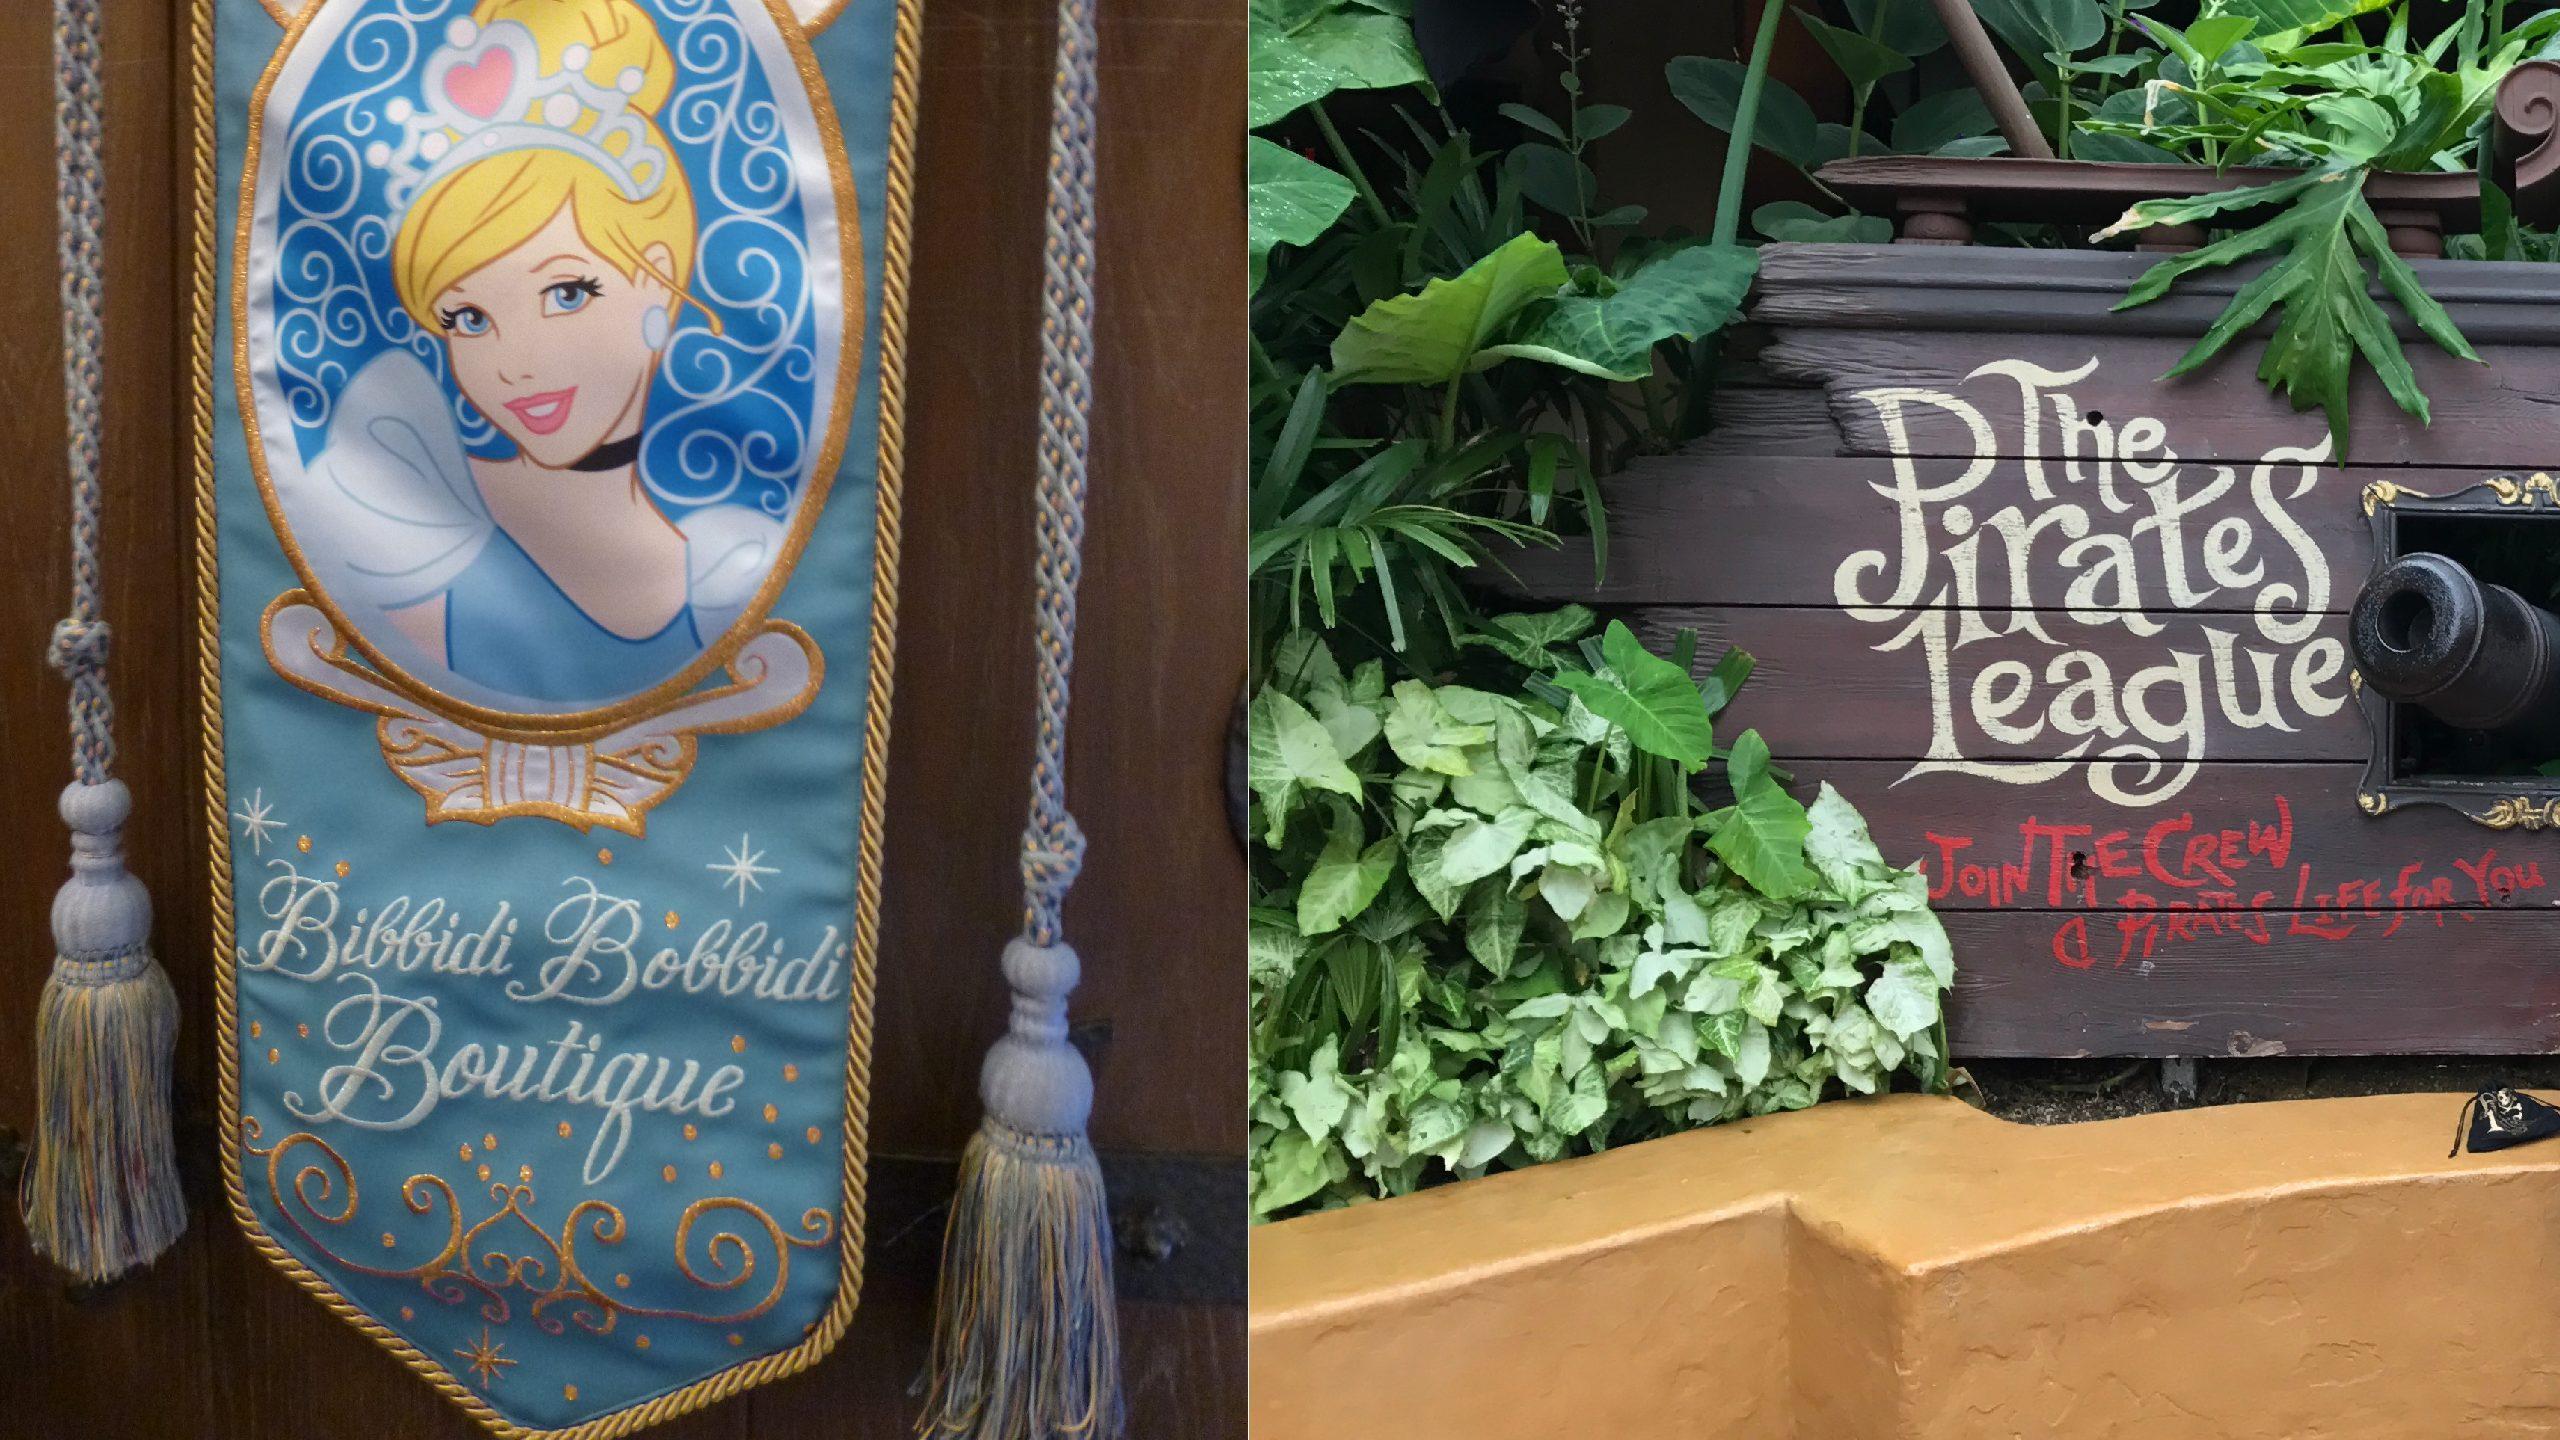 Disney's Bibbidi Bobbidi Boutique vs. The Pirates League: Which to Choose?